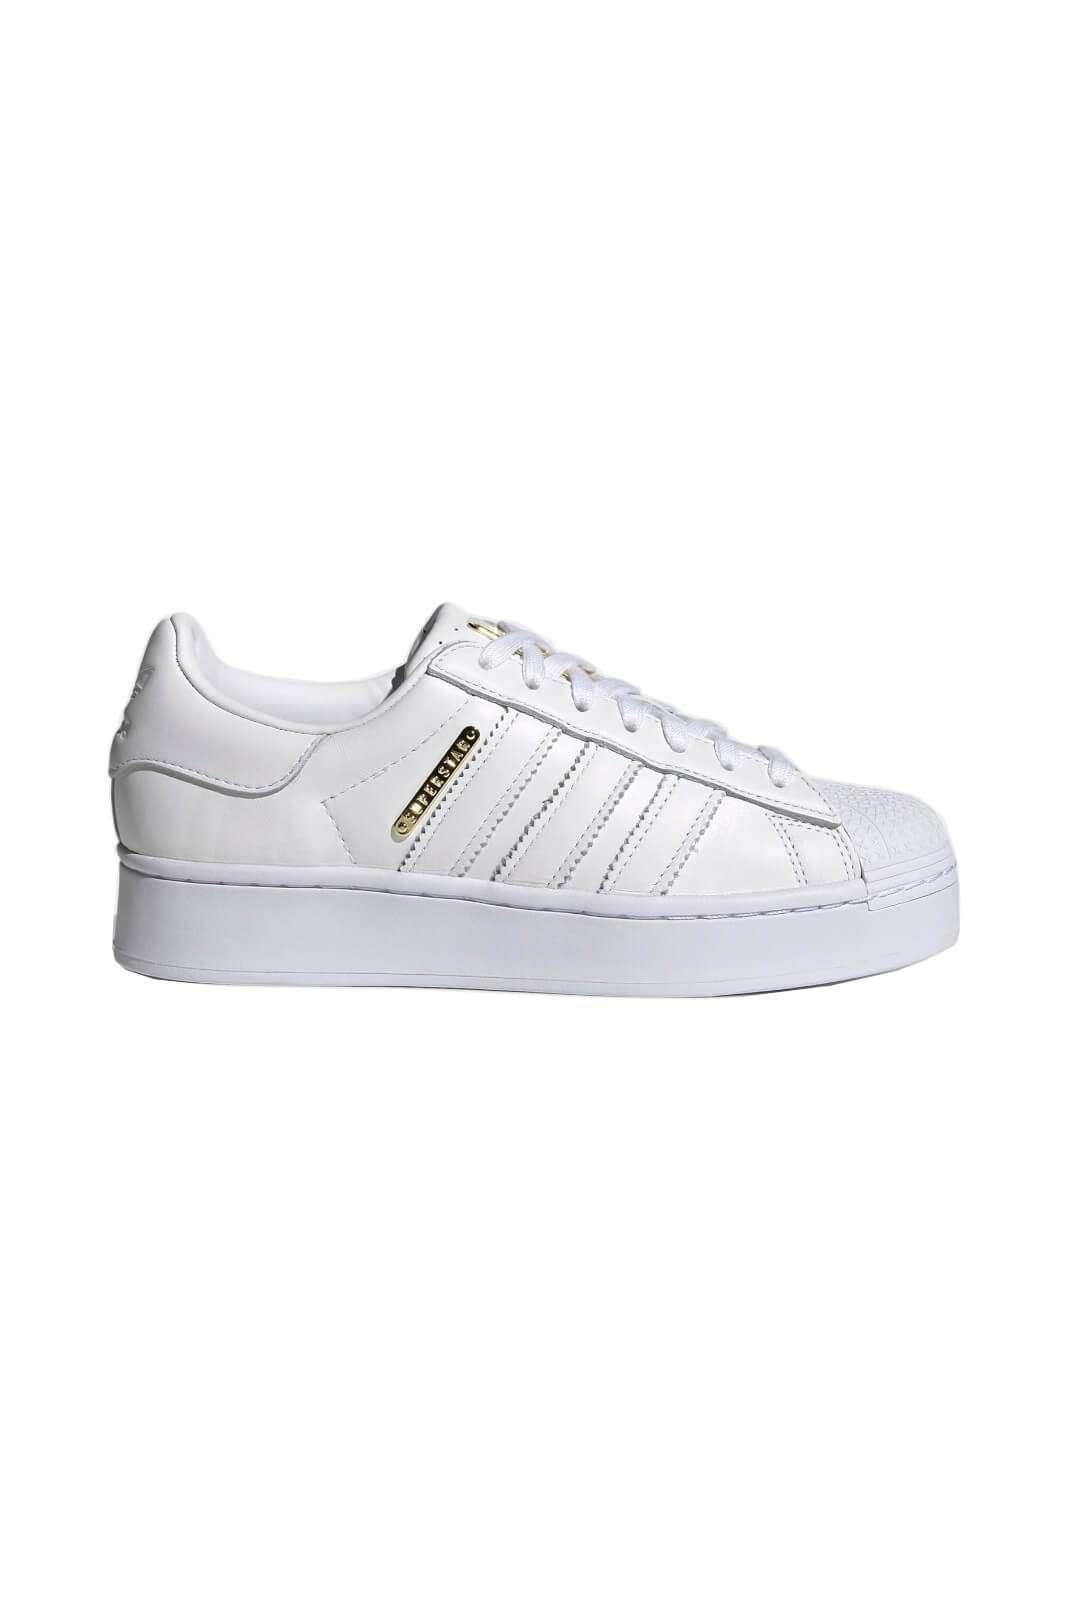 Una sneakers in pelle dallo stile minimal quella proposta dalla collezione donna Adidas.  Il modello Superstar Bold si presenta come una calzatura minimal e perfetta per i look quotidiani.  Da abbinare ad un jeans o un pantalone sportivo è un essential.